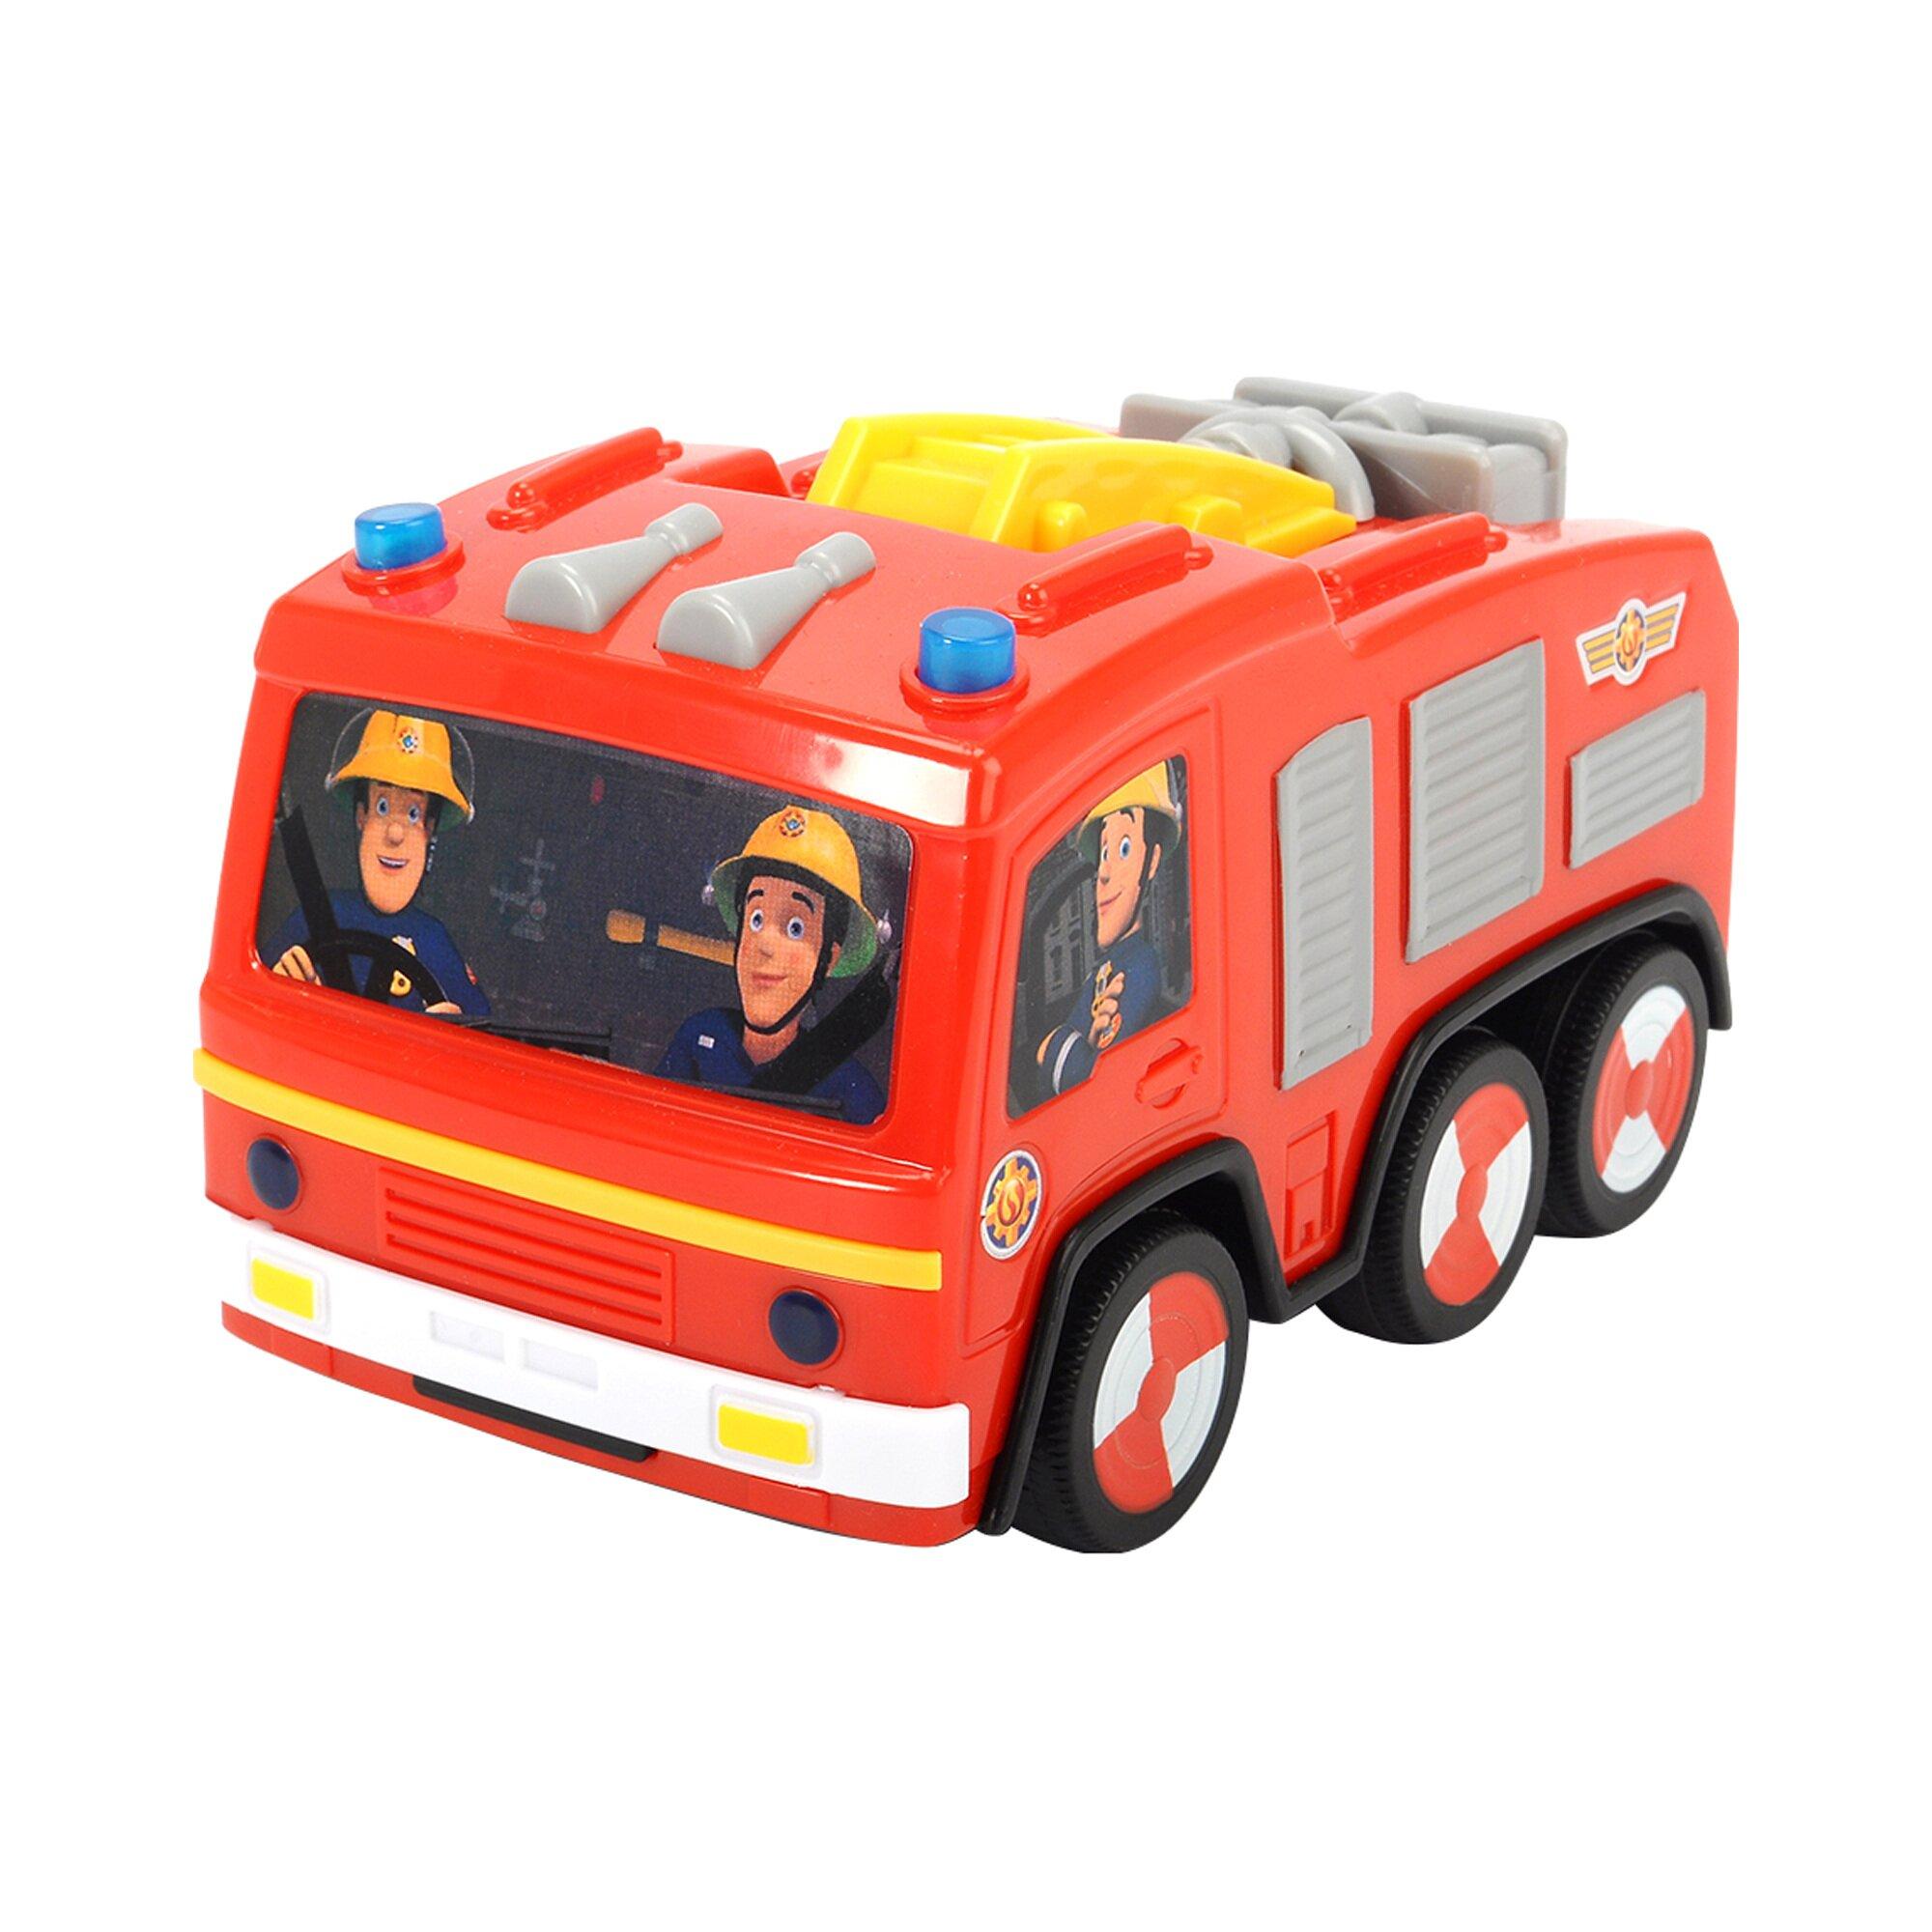 Feuerwehrmann Sam Feuerwehrauto Non Fall Jupiter